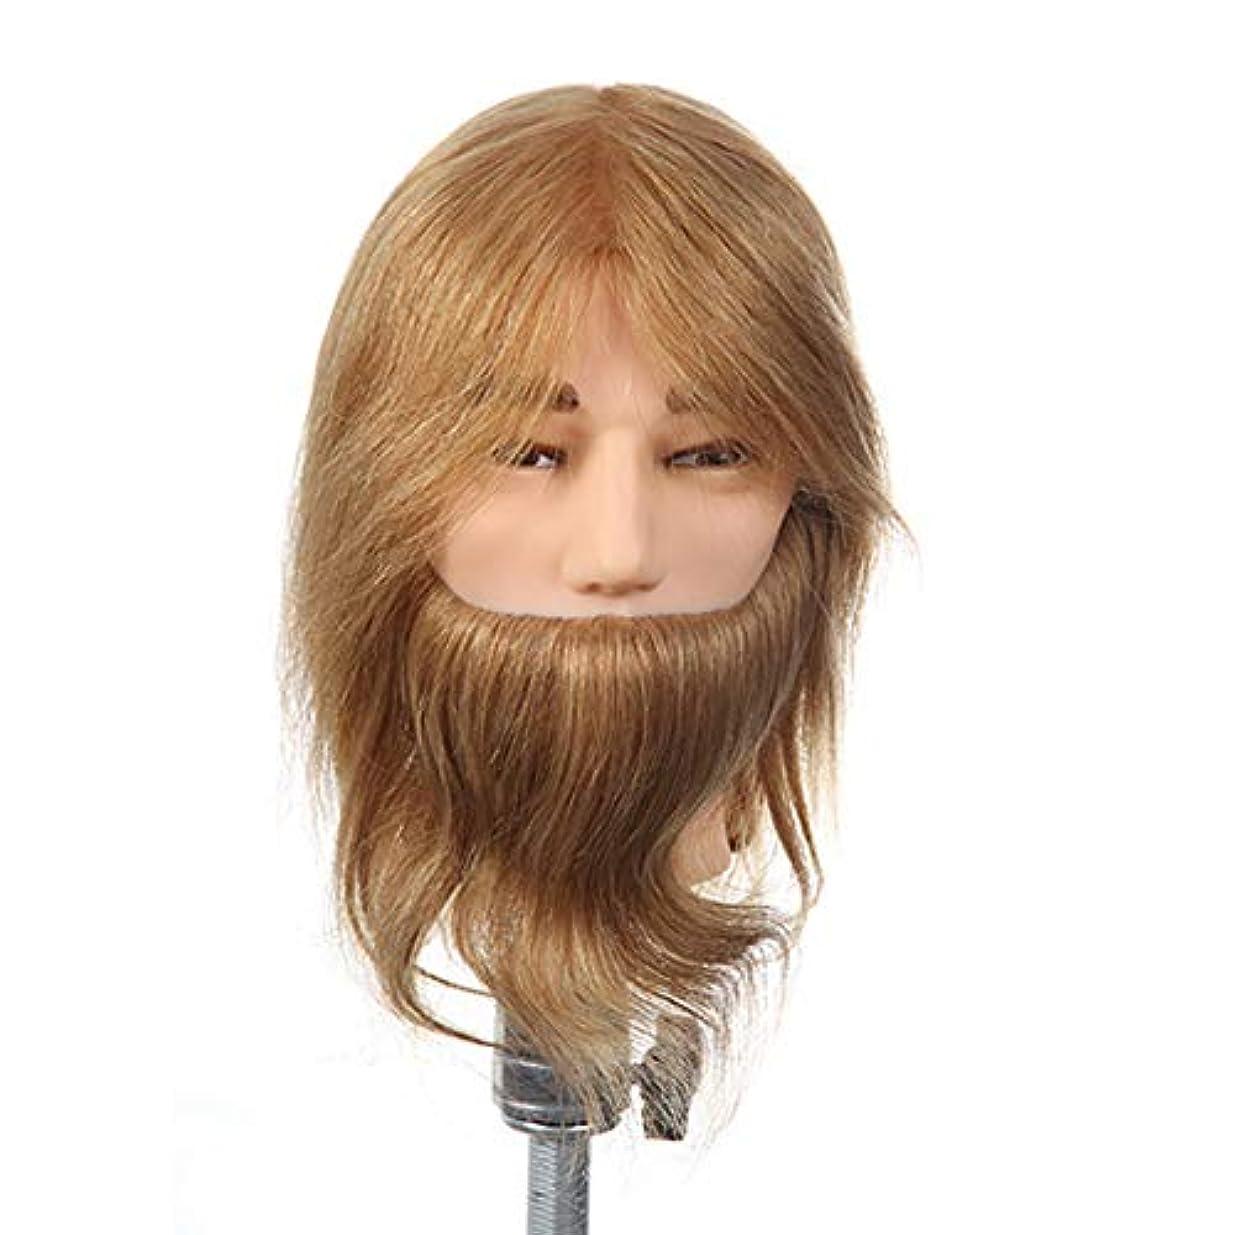 安全浸透するシチリアサロン学習パーマ髪染めマネキン男スタイリングかつらティーチングヘッドリアル人間の髪ダミーヘッド付きひげロングヘアゴールド